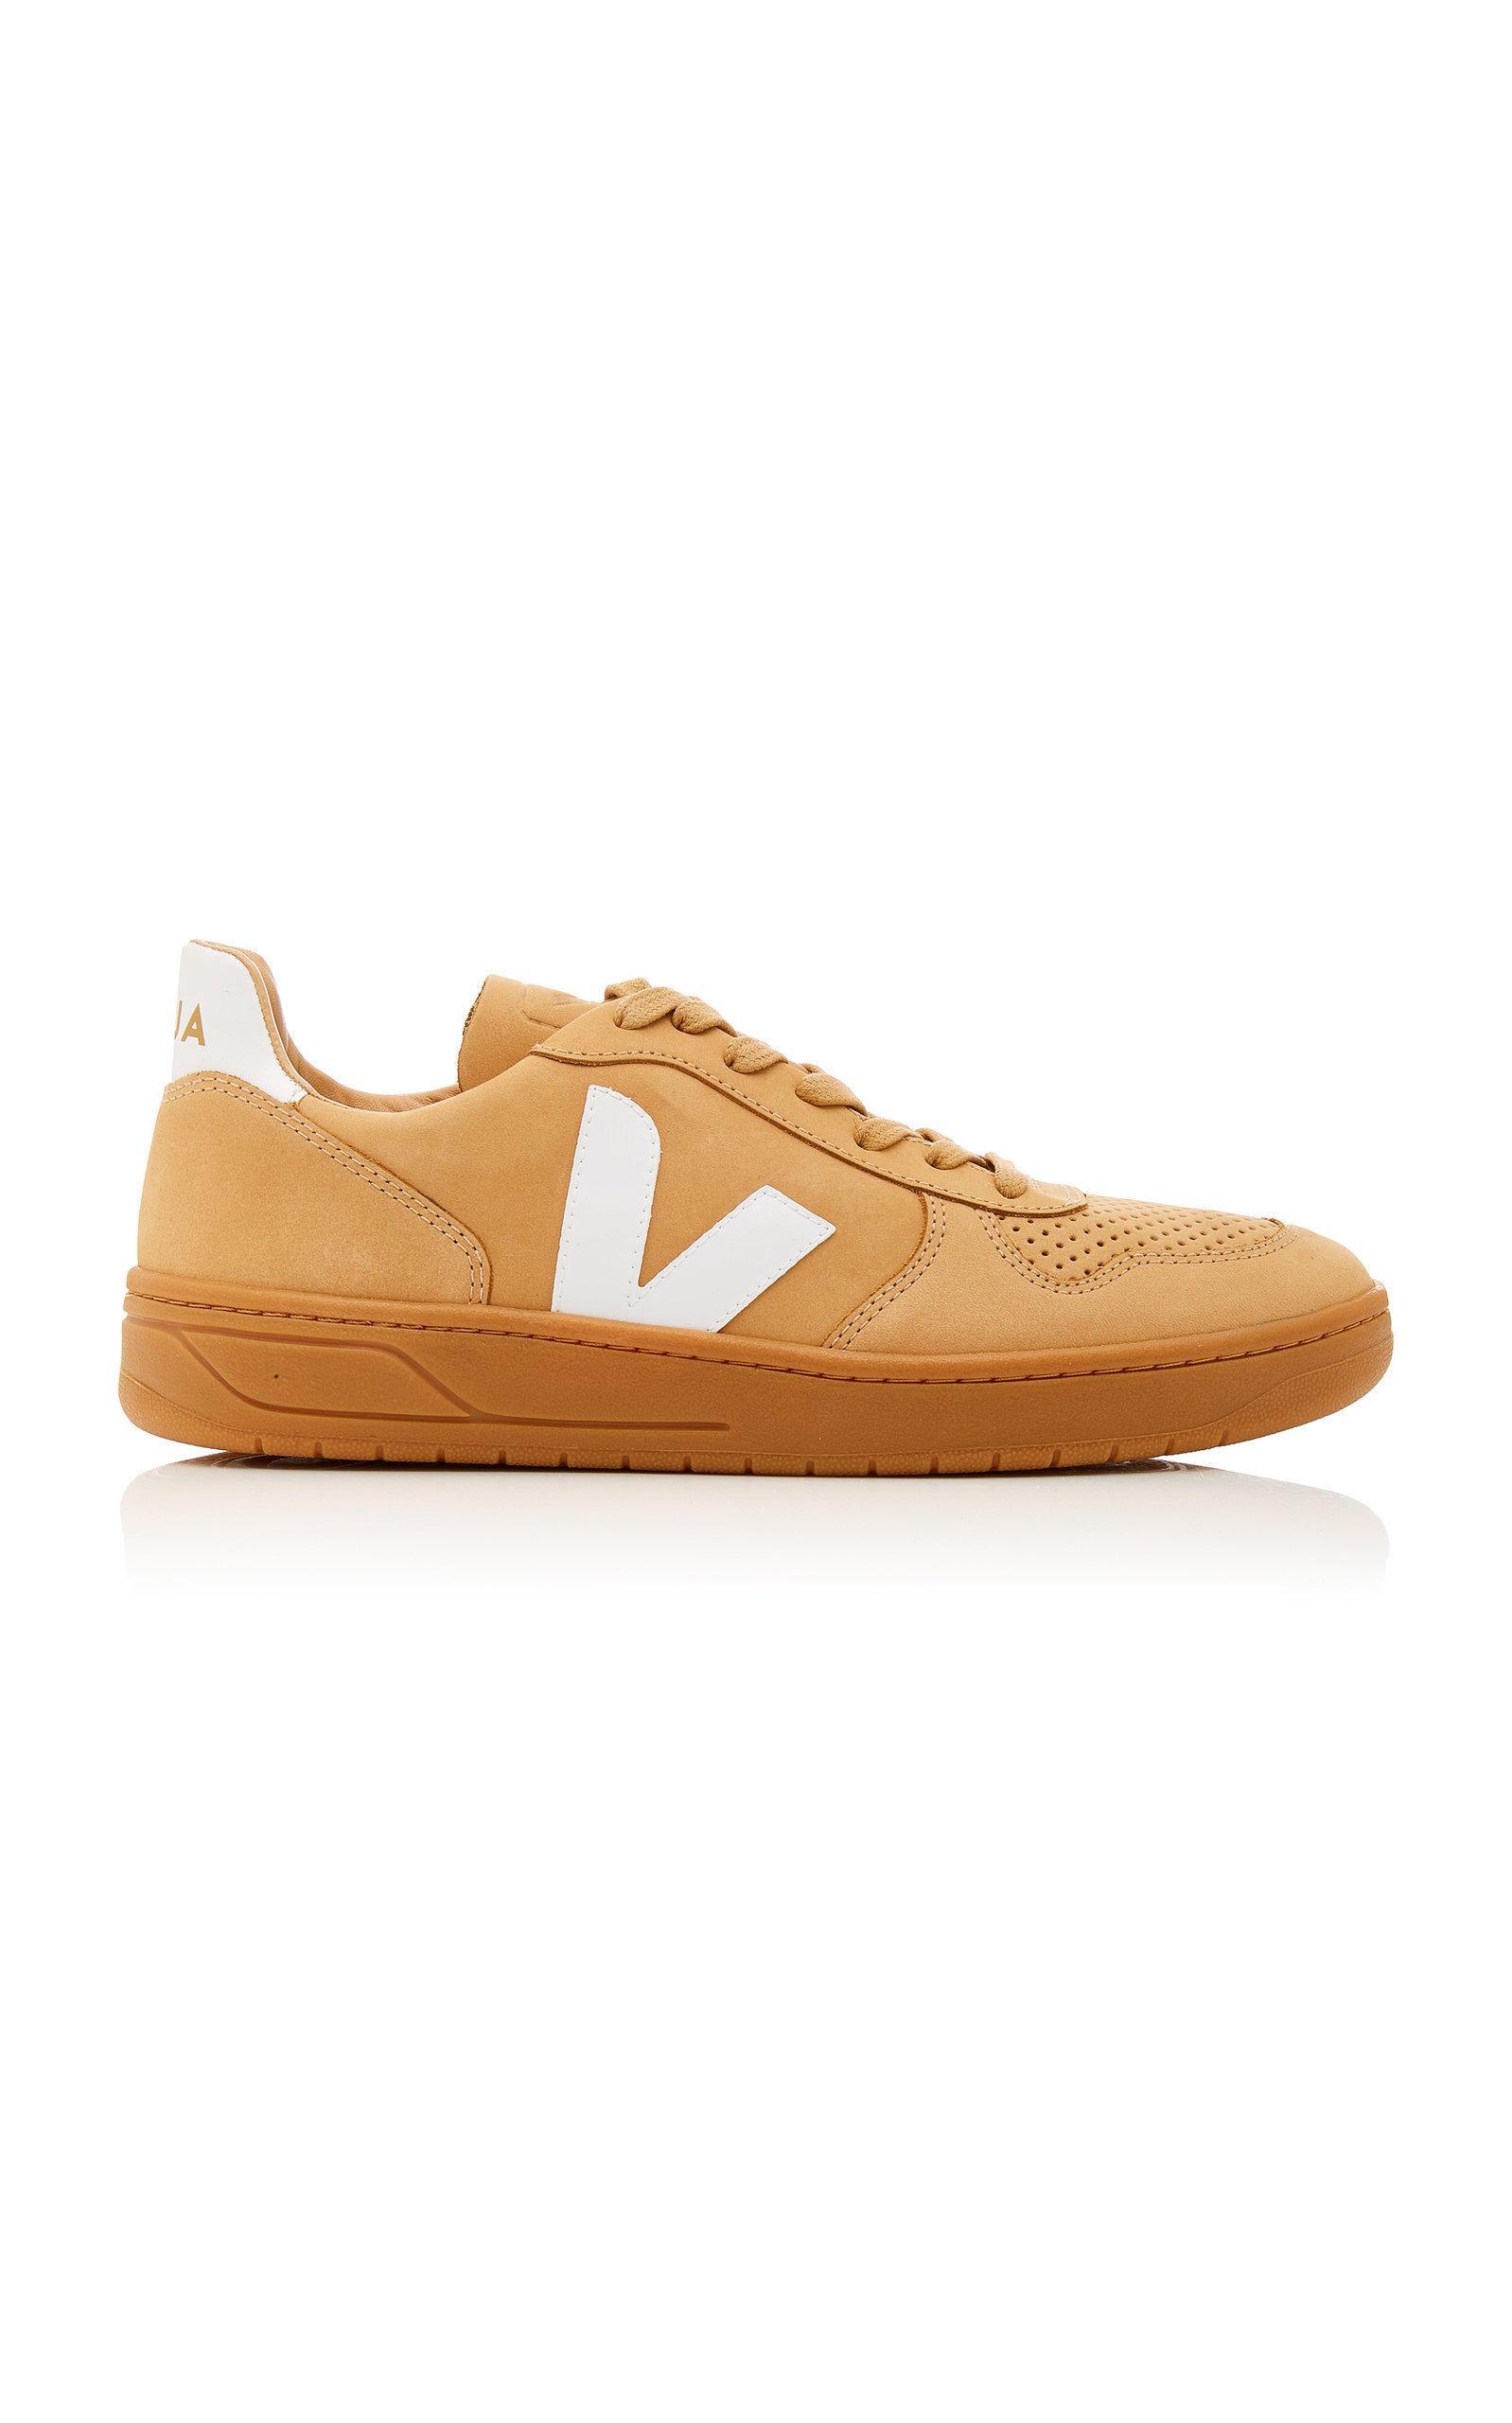 Veja Bastille Two-Tone Leather-Trimmed Nubuck Sneakers In Desert White